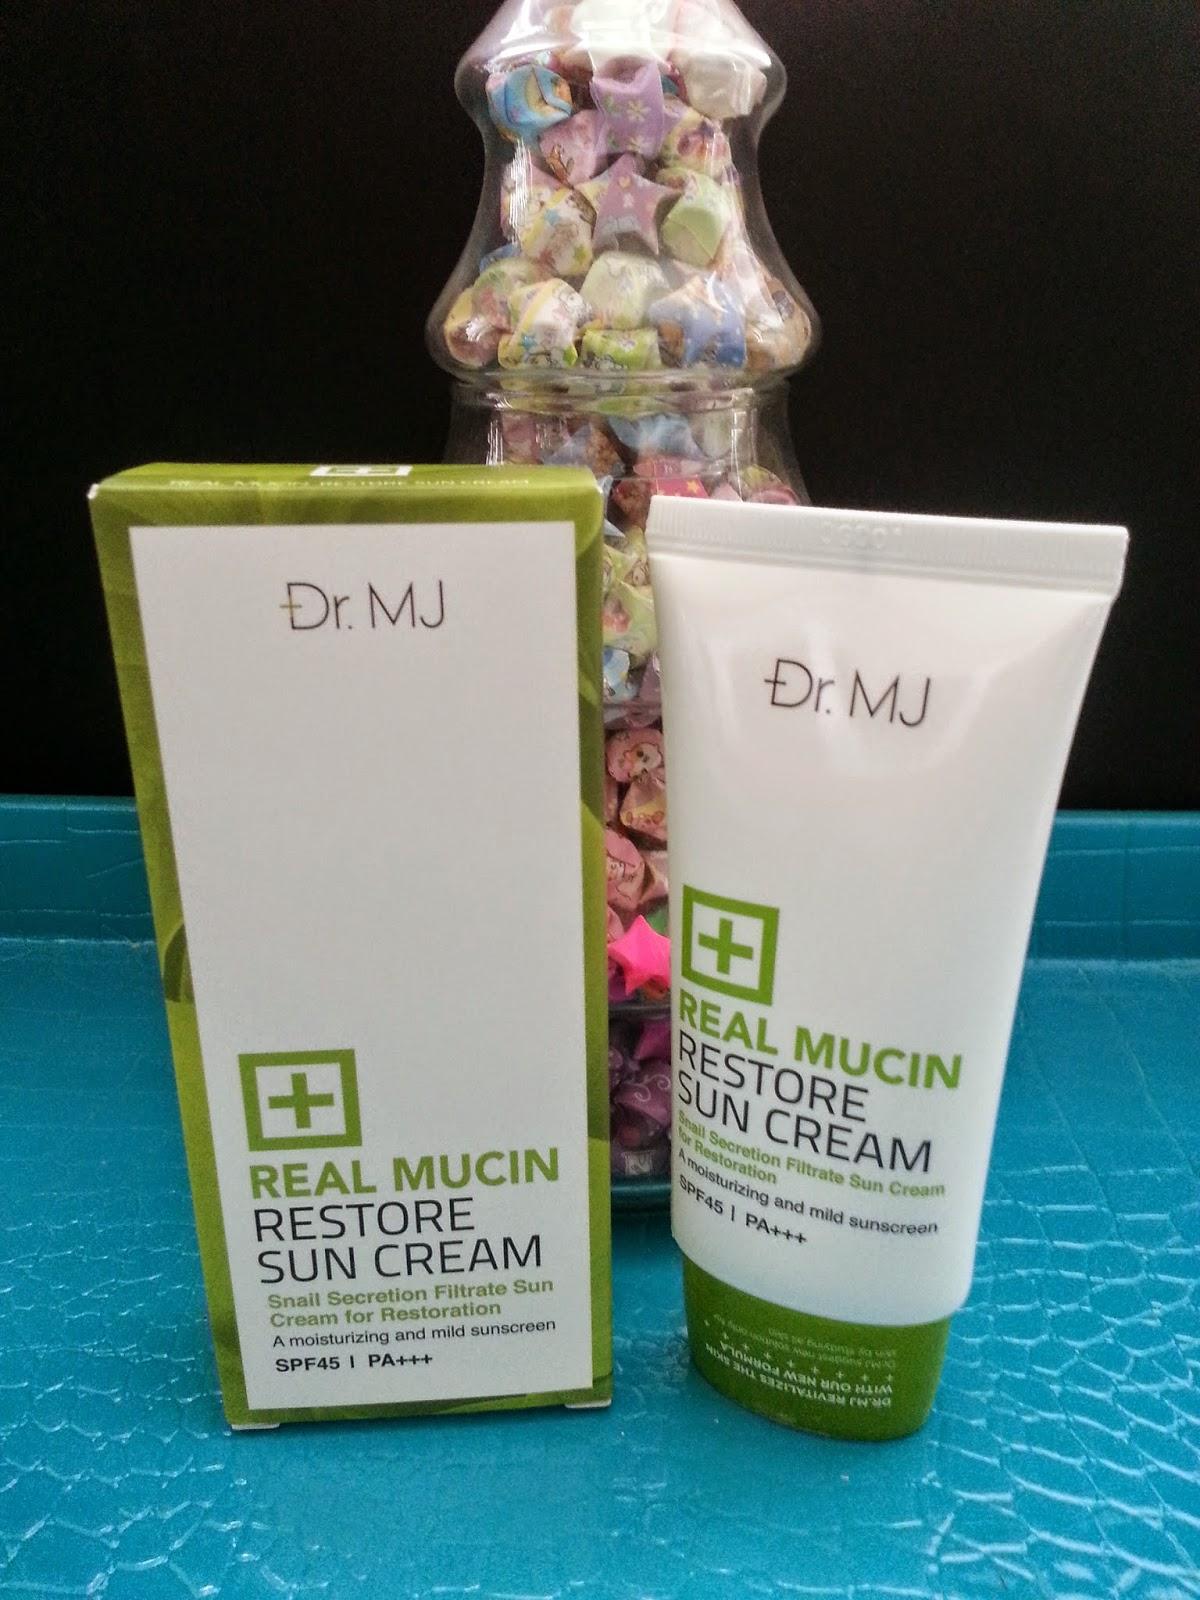 Dr. MJ Real Mucin Restore Sun cream SPF45 PA+++